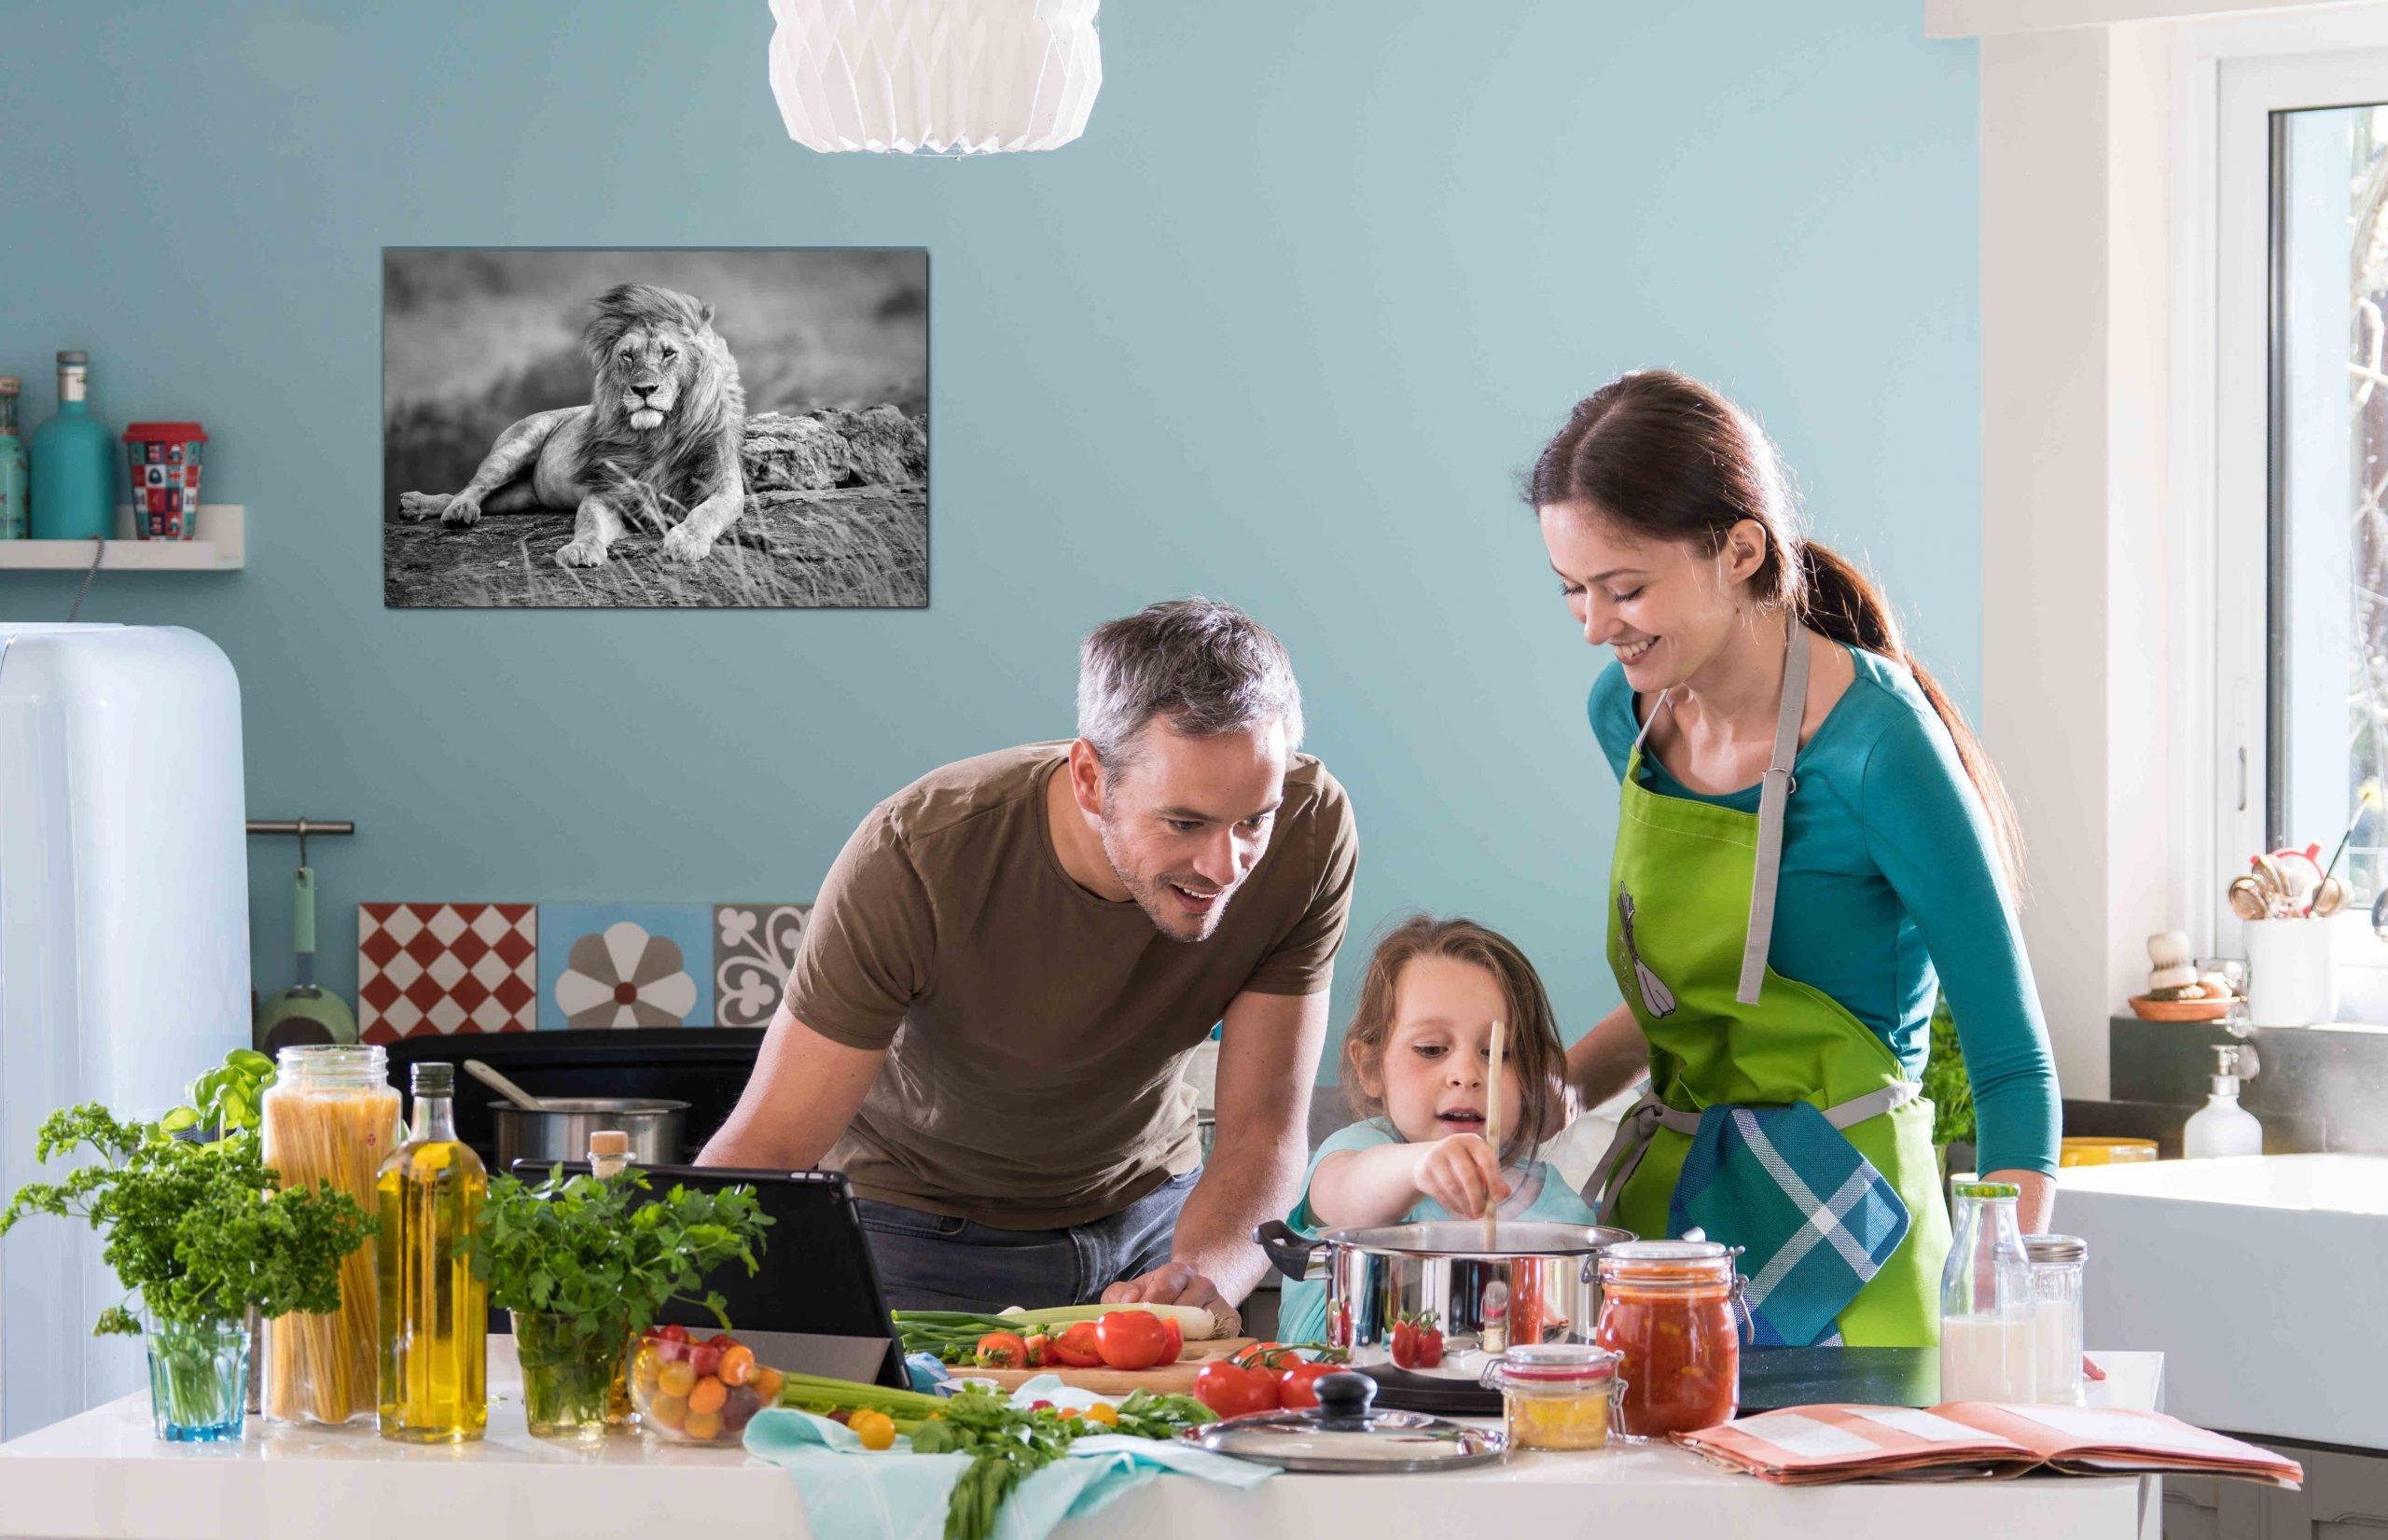 Familie in Küche mit Infrarotheizung